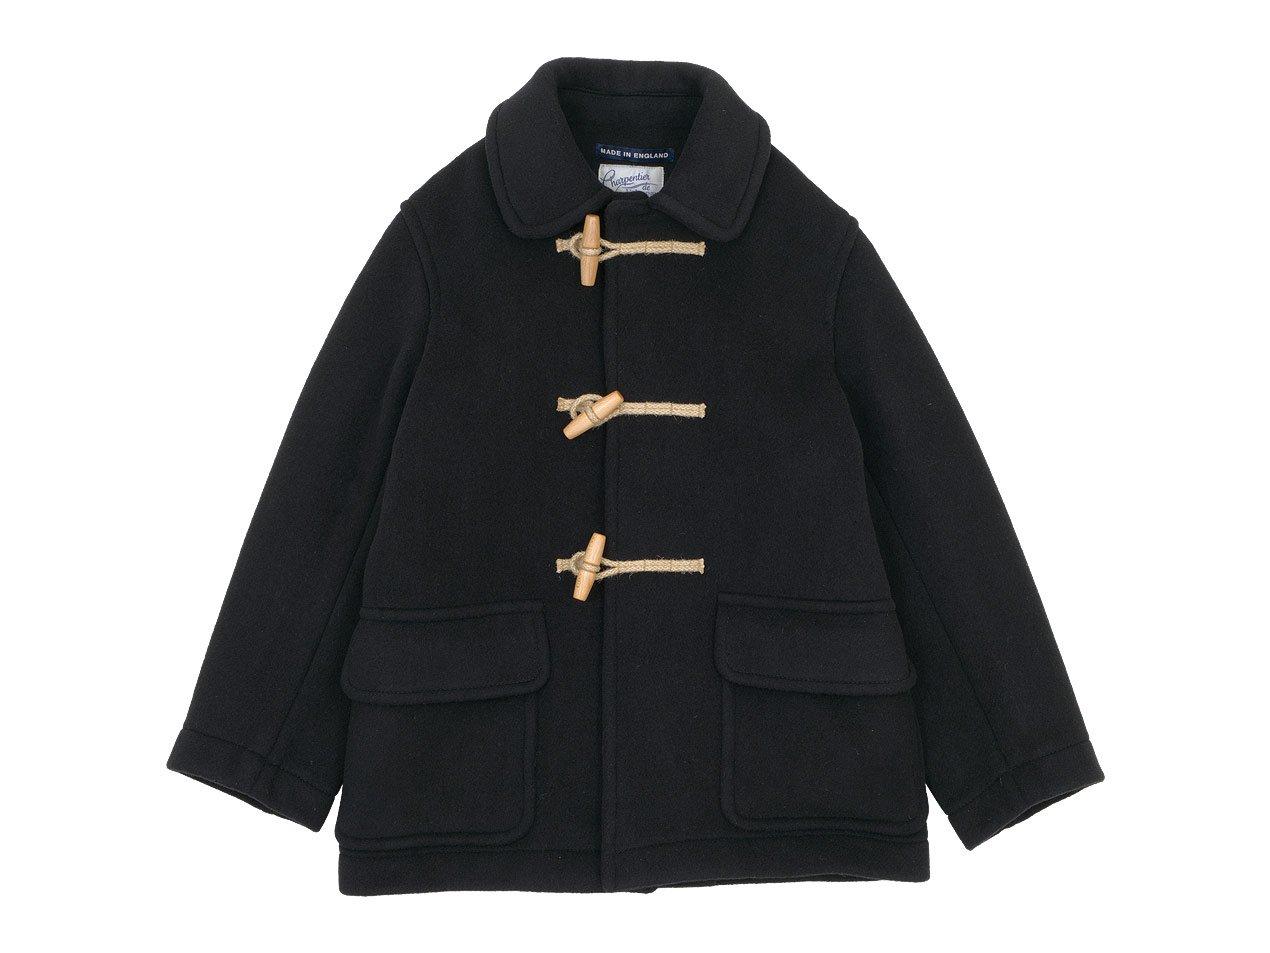 Charpentier de Vaisseau Tate London Tradition Duffle Coat Short BLACK